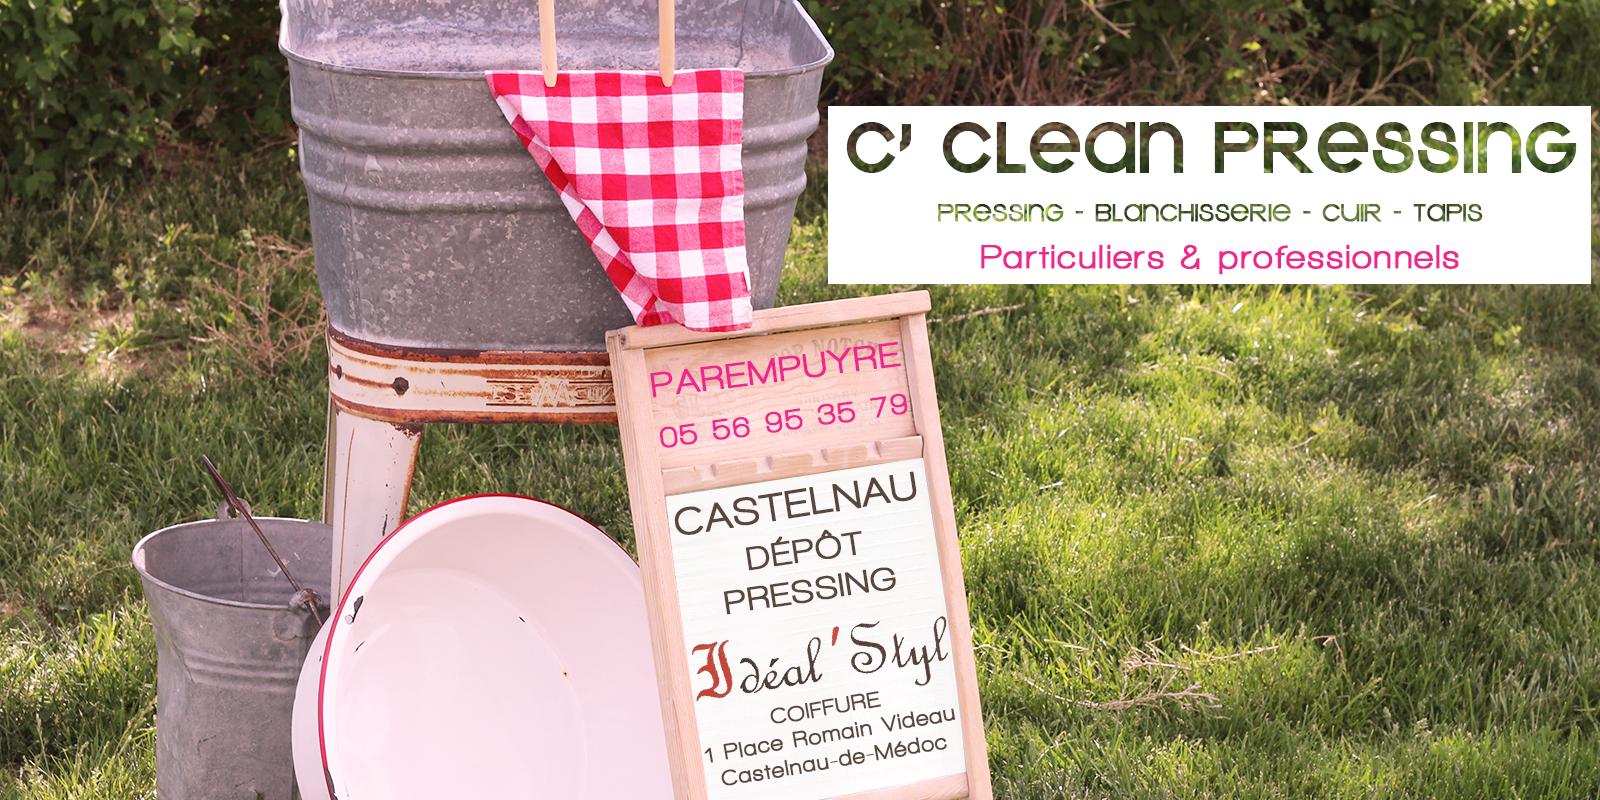 cclean pressing page accueil 6 1600x800 - Accueil pressing repassage blanchisserie couette cuir daim service dépôt retrait professionnels particuliers